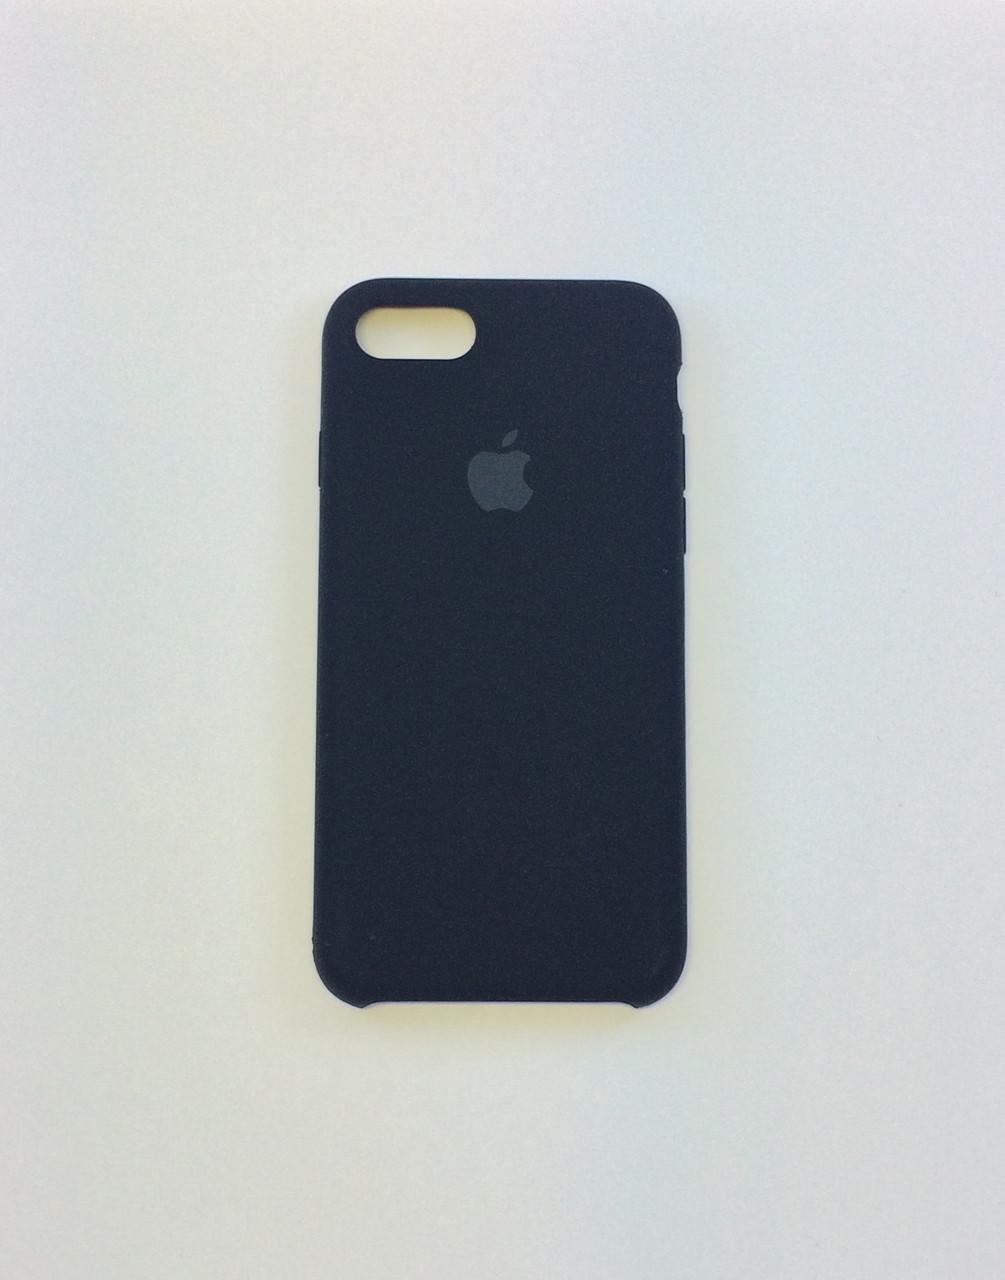 Силиконовый чехол iPhone 8 Plus, черный, copy original